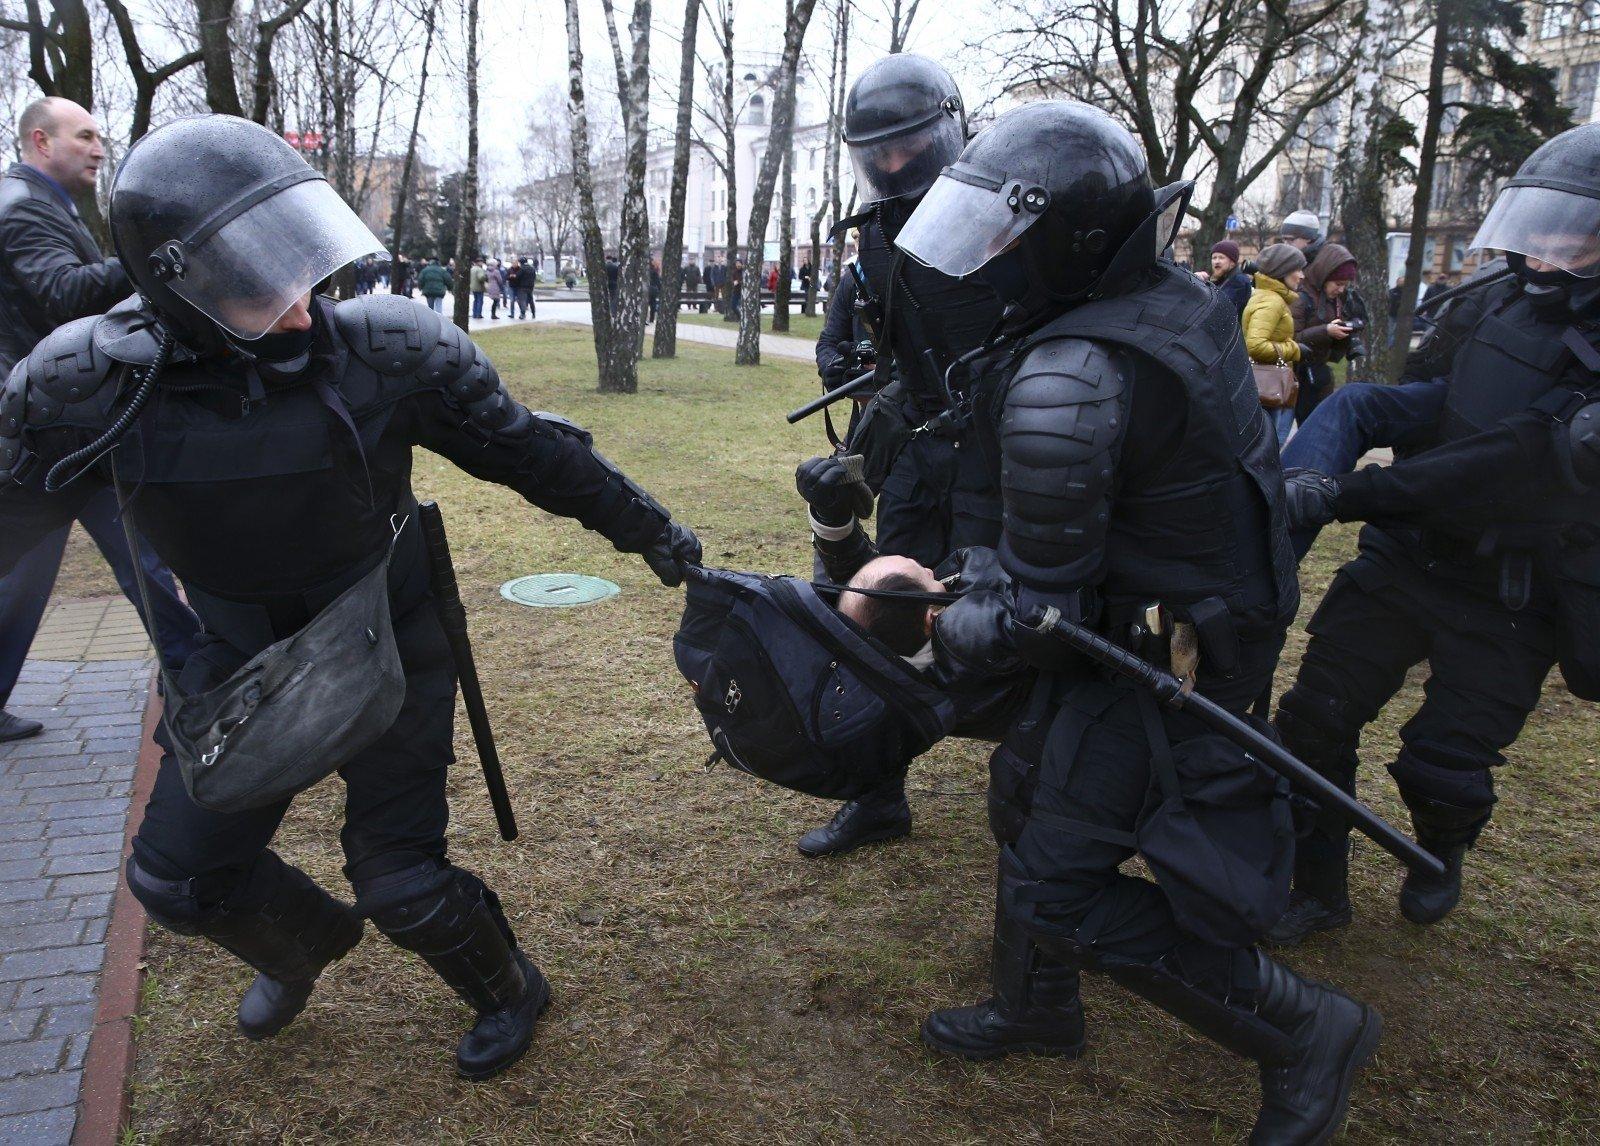 Мандат спецдокладчика поправам человека в Белоруссии продлен нагод